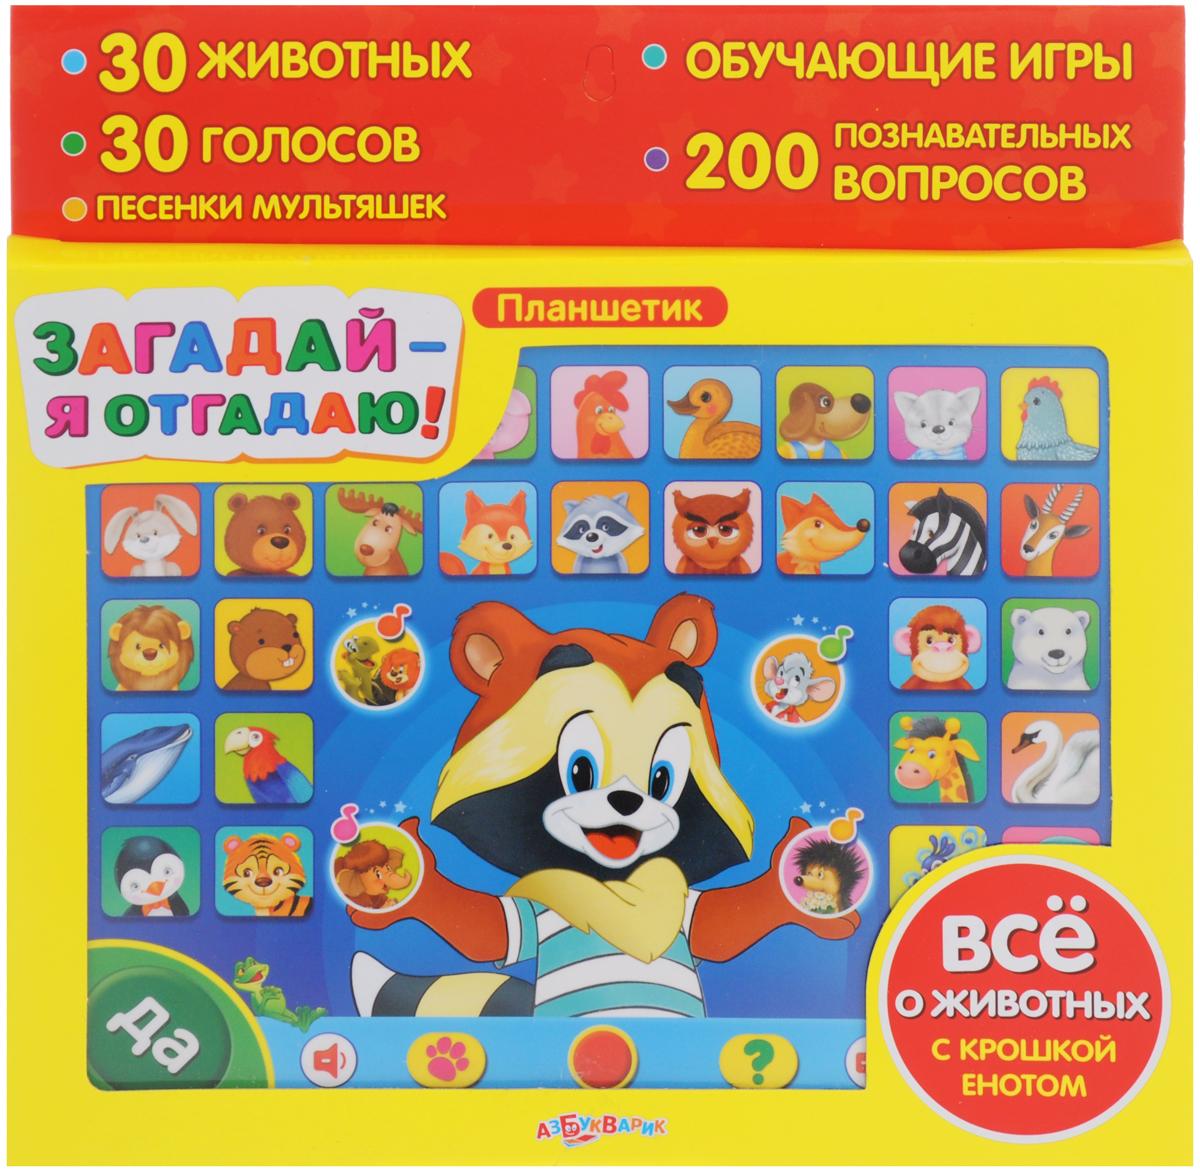 Азбукварик Электронная игрушка Планшетик Загадай - я отгадаю!